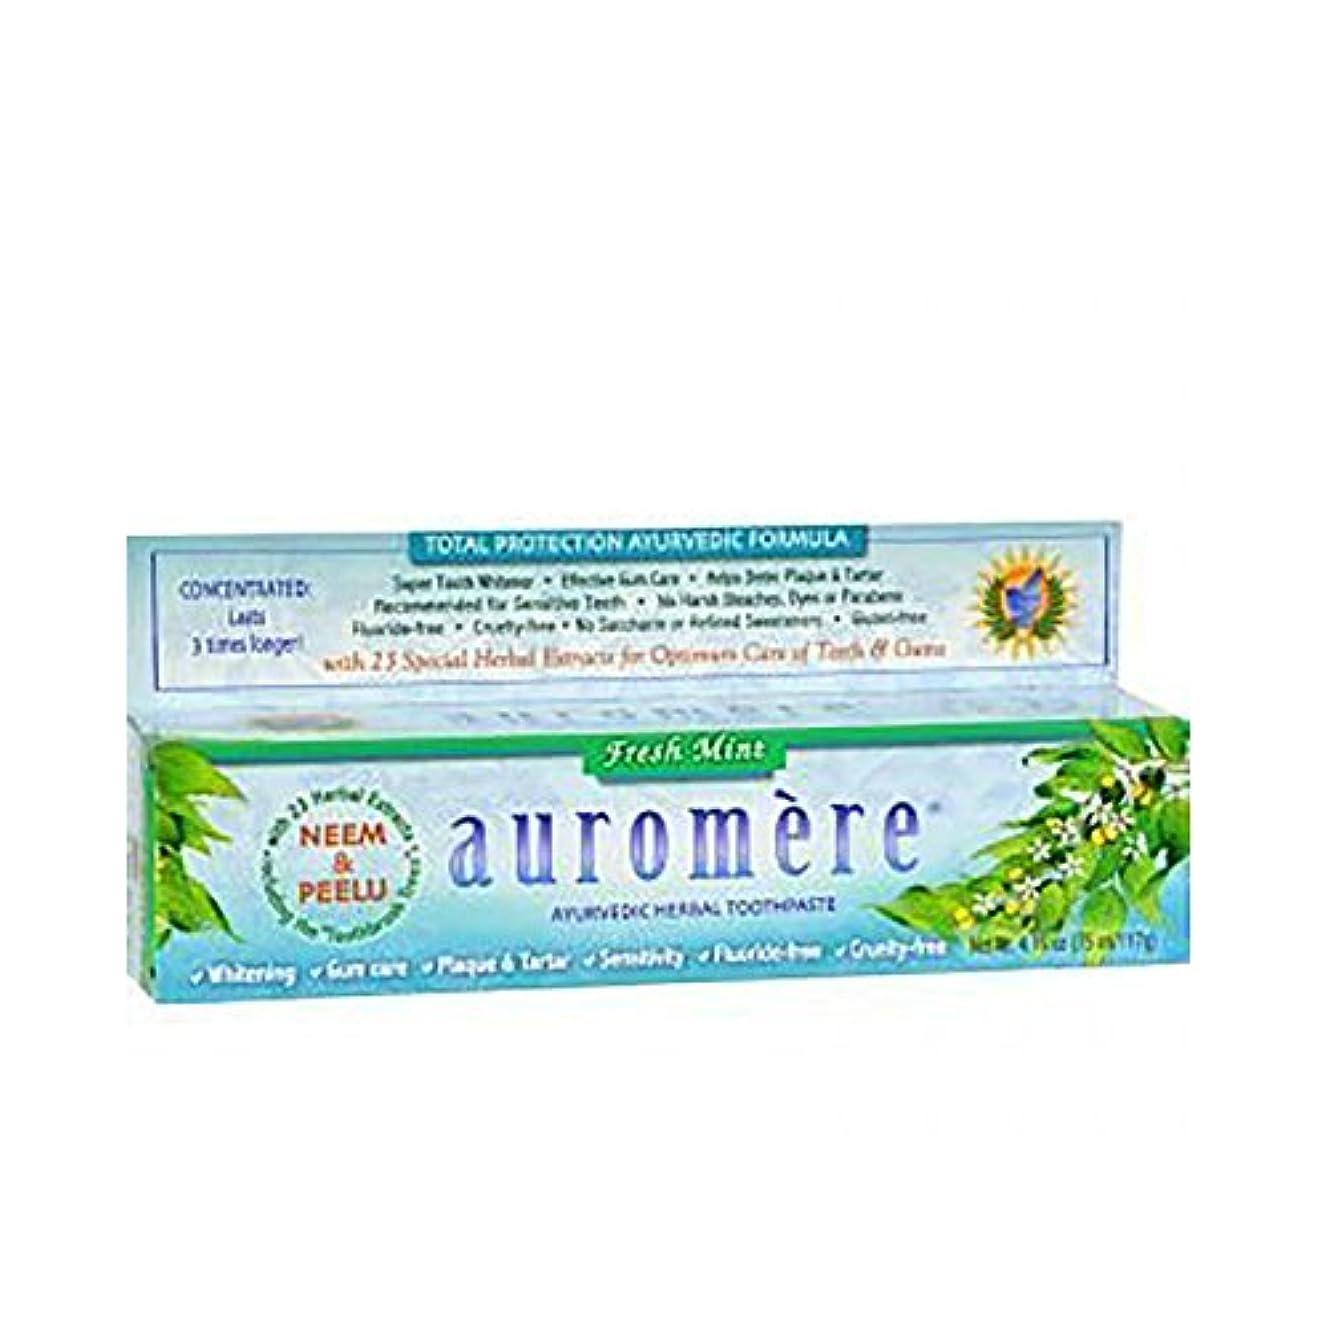 適用済み同化するメジャーAuromere アーユルヴェーダのハーブの歯磨き粉フレッシュミントによって - 4.16オンス - ニームやビーガンと、ナチュラル、フッ化物無料